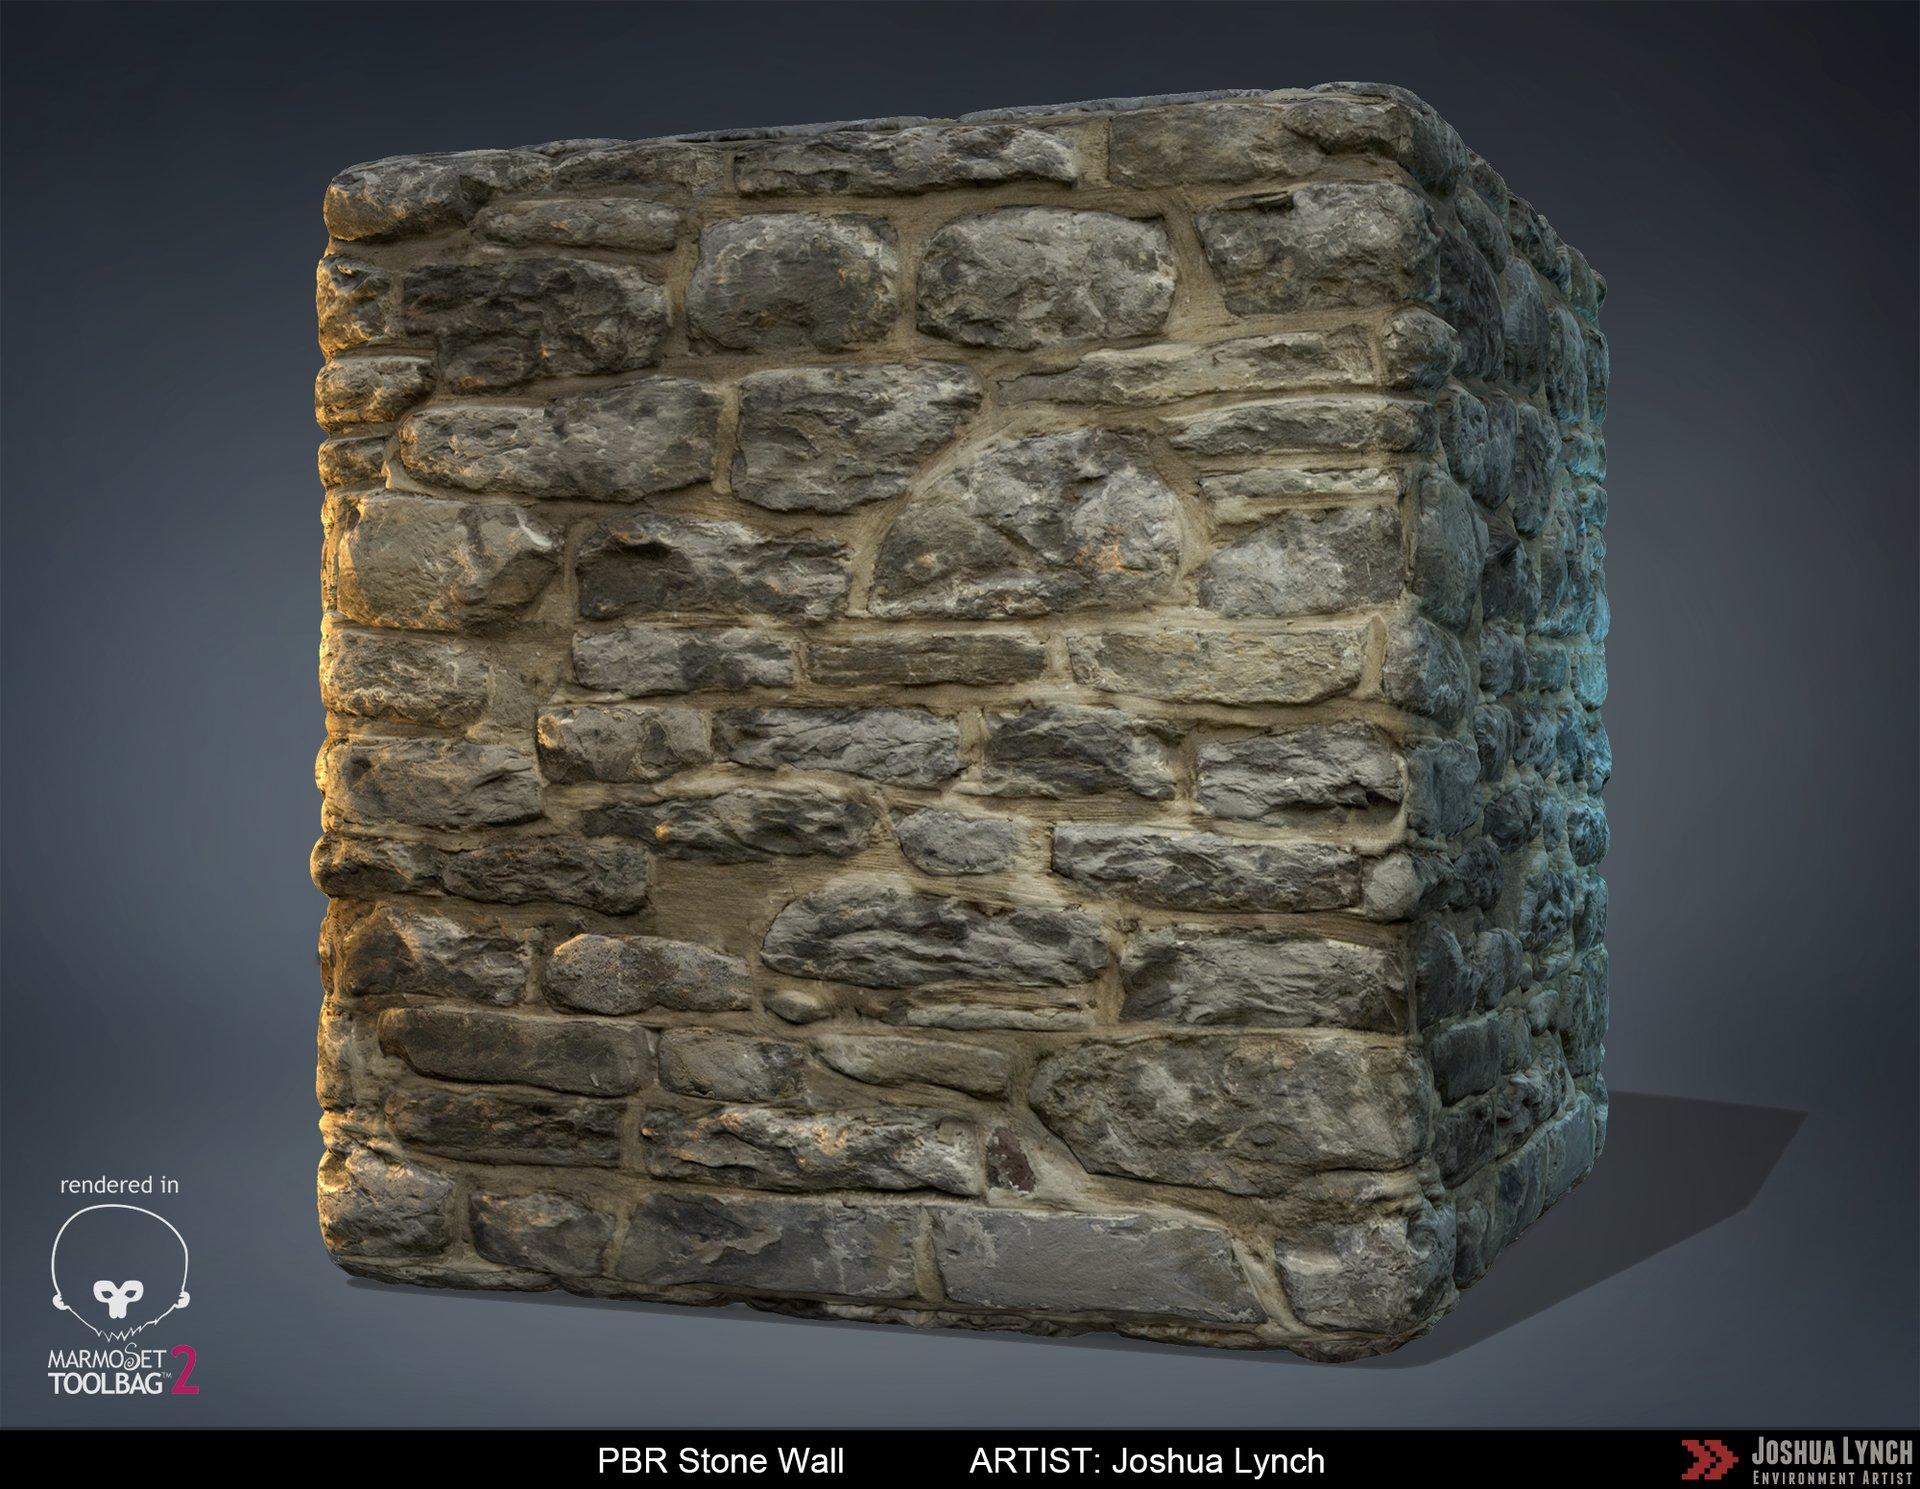 Joshua lynch pbr stone wall josh lynch cube